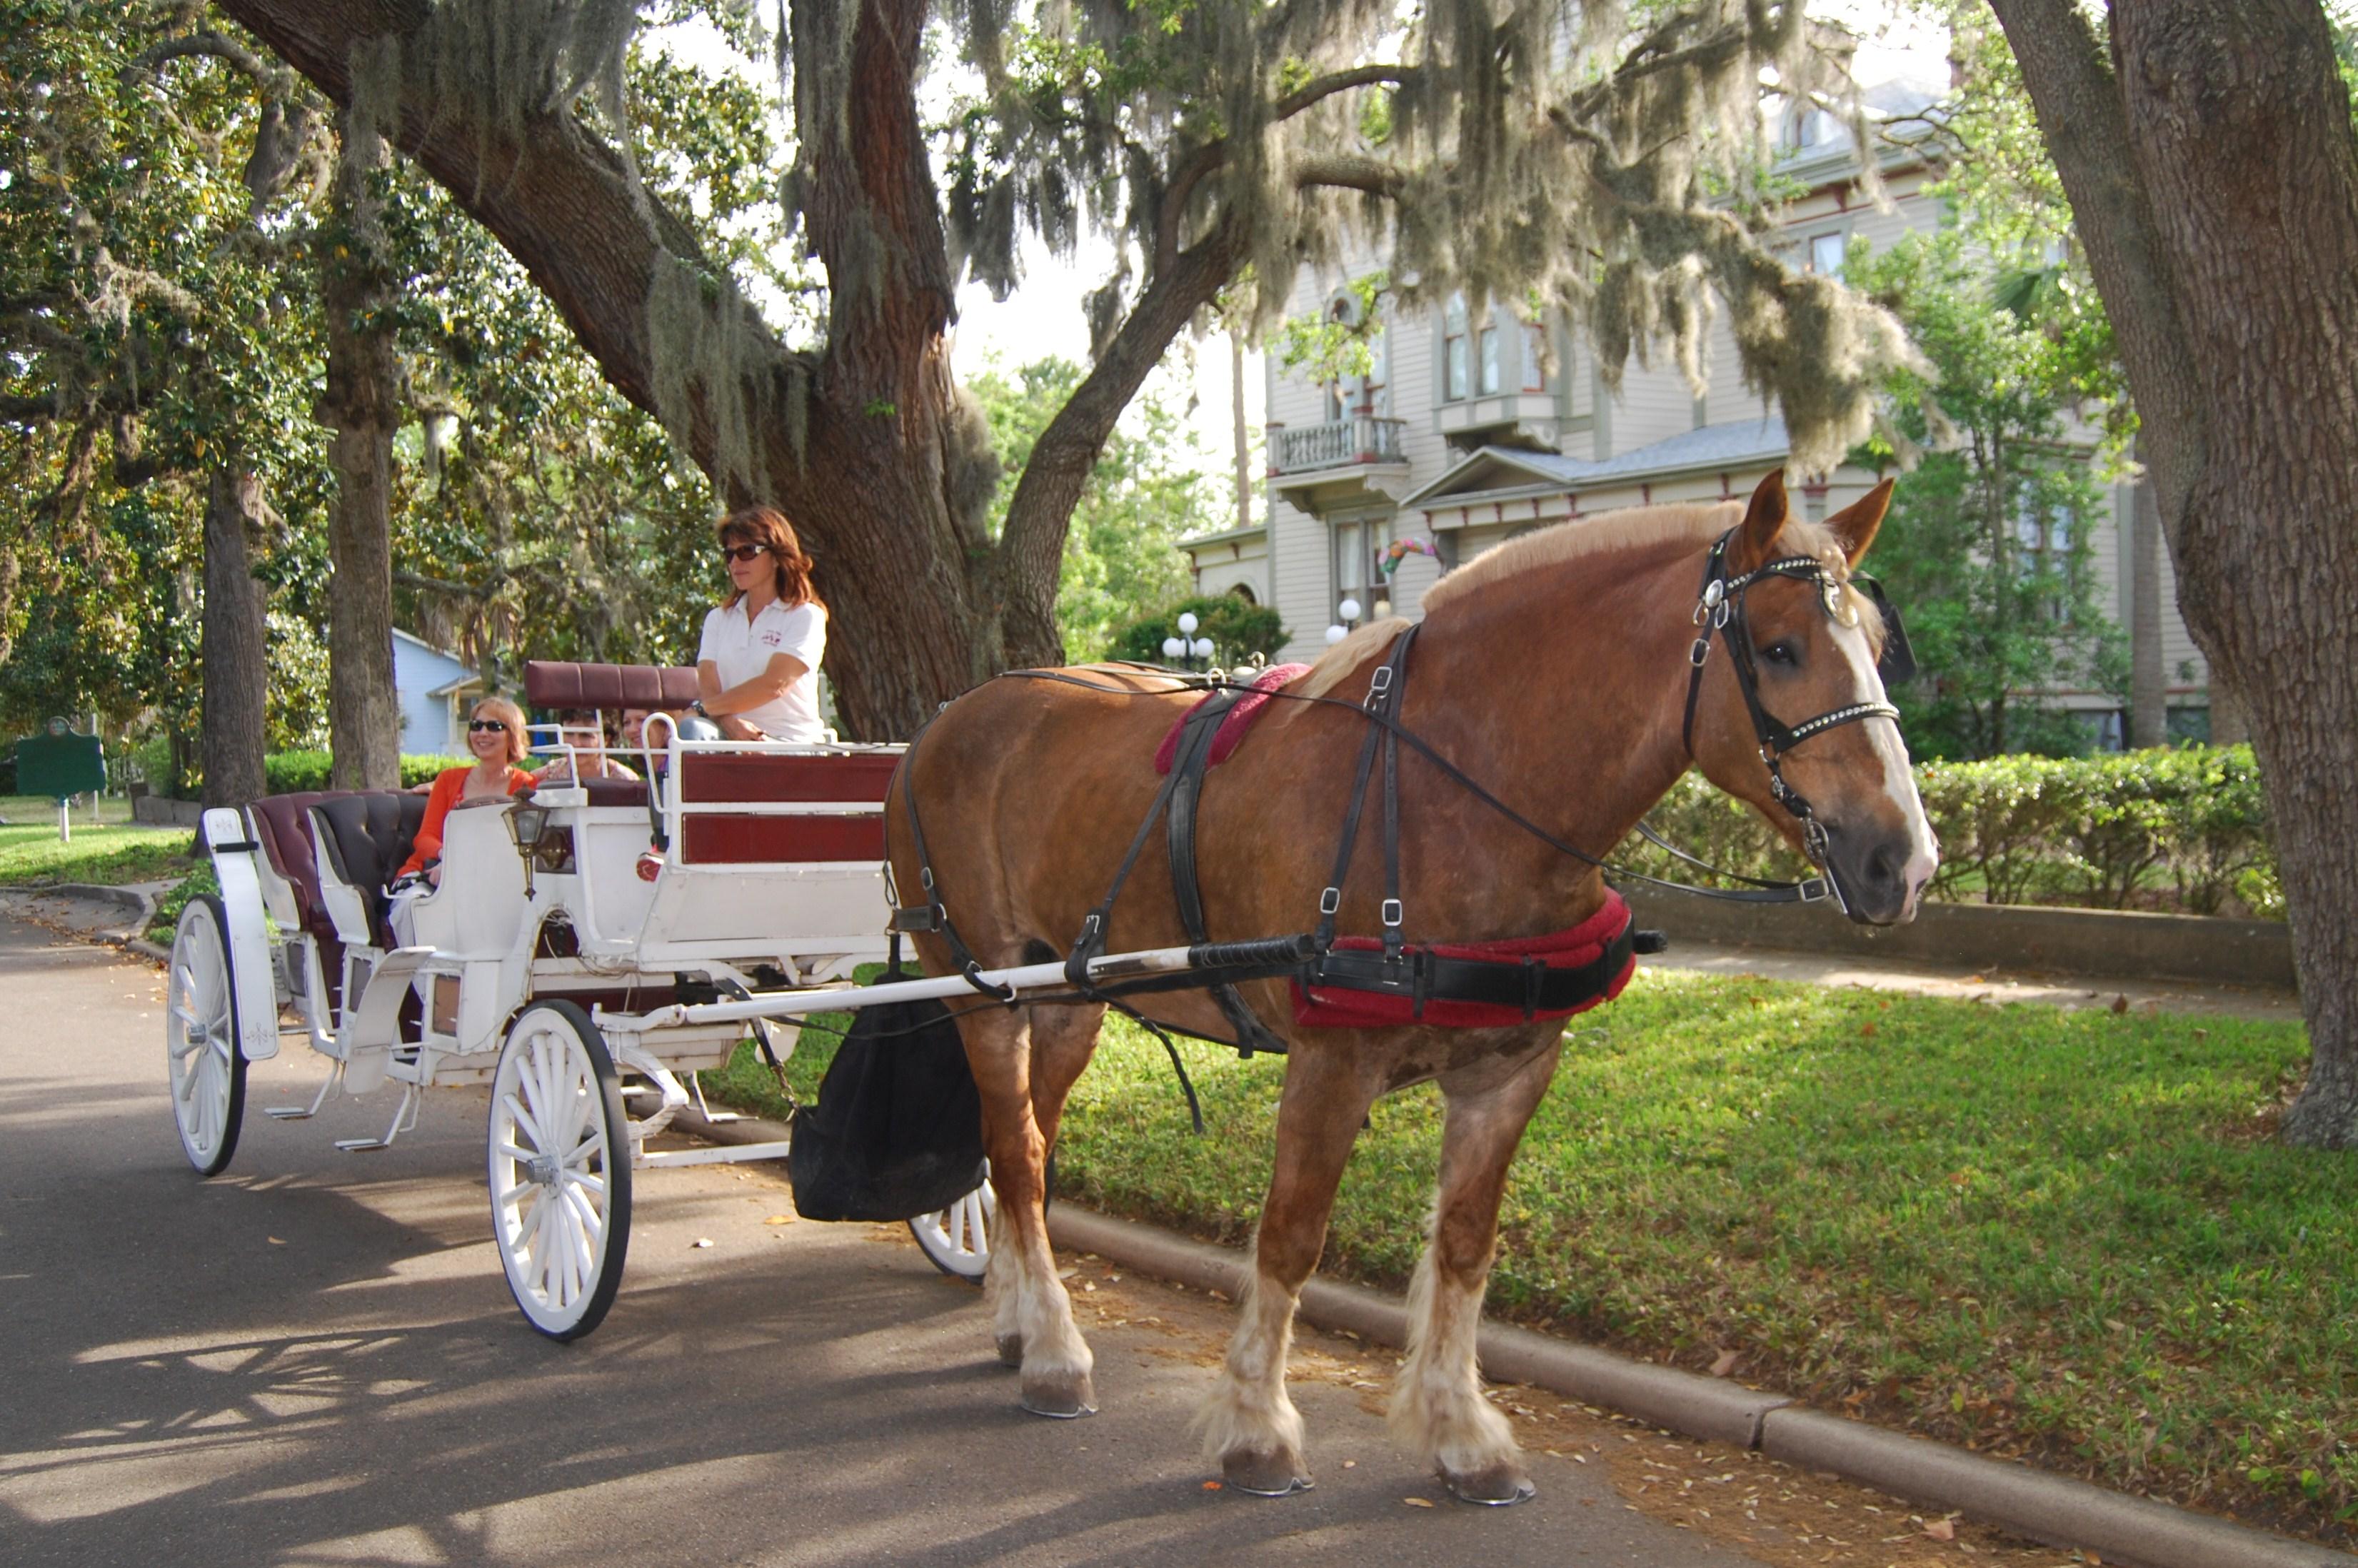 Amelia Island Carriage Tours